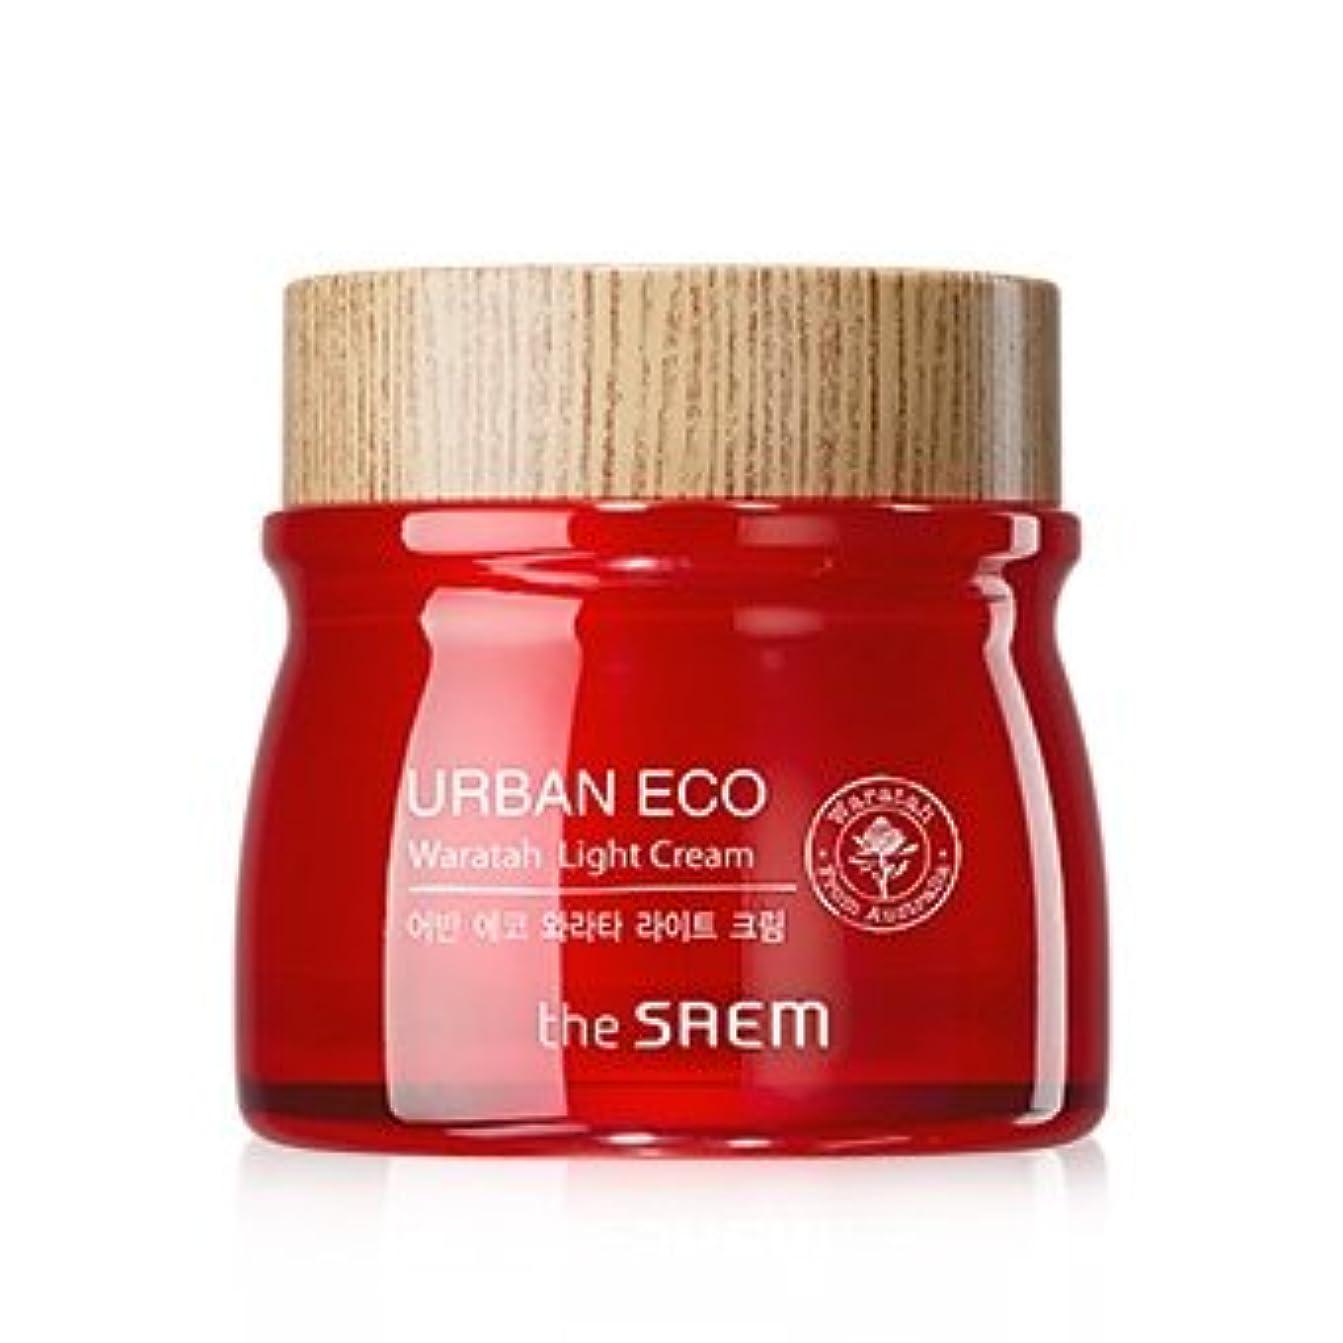 該当するロバコールThe Saem Urban Eco Waratah Light Cream 60ml ドセム アーバンエコワラターライトクリーム60ml[並行輸入品]